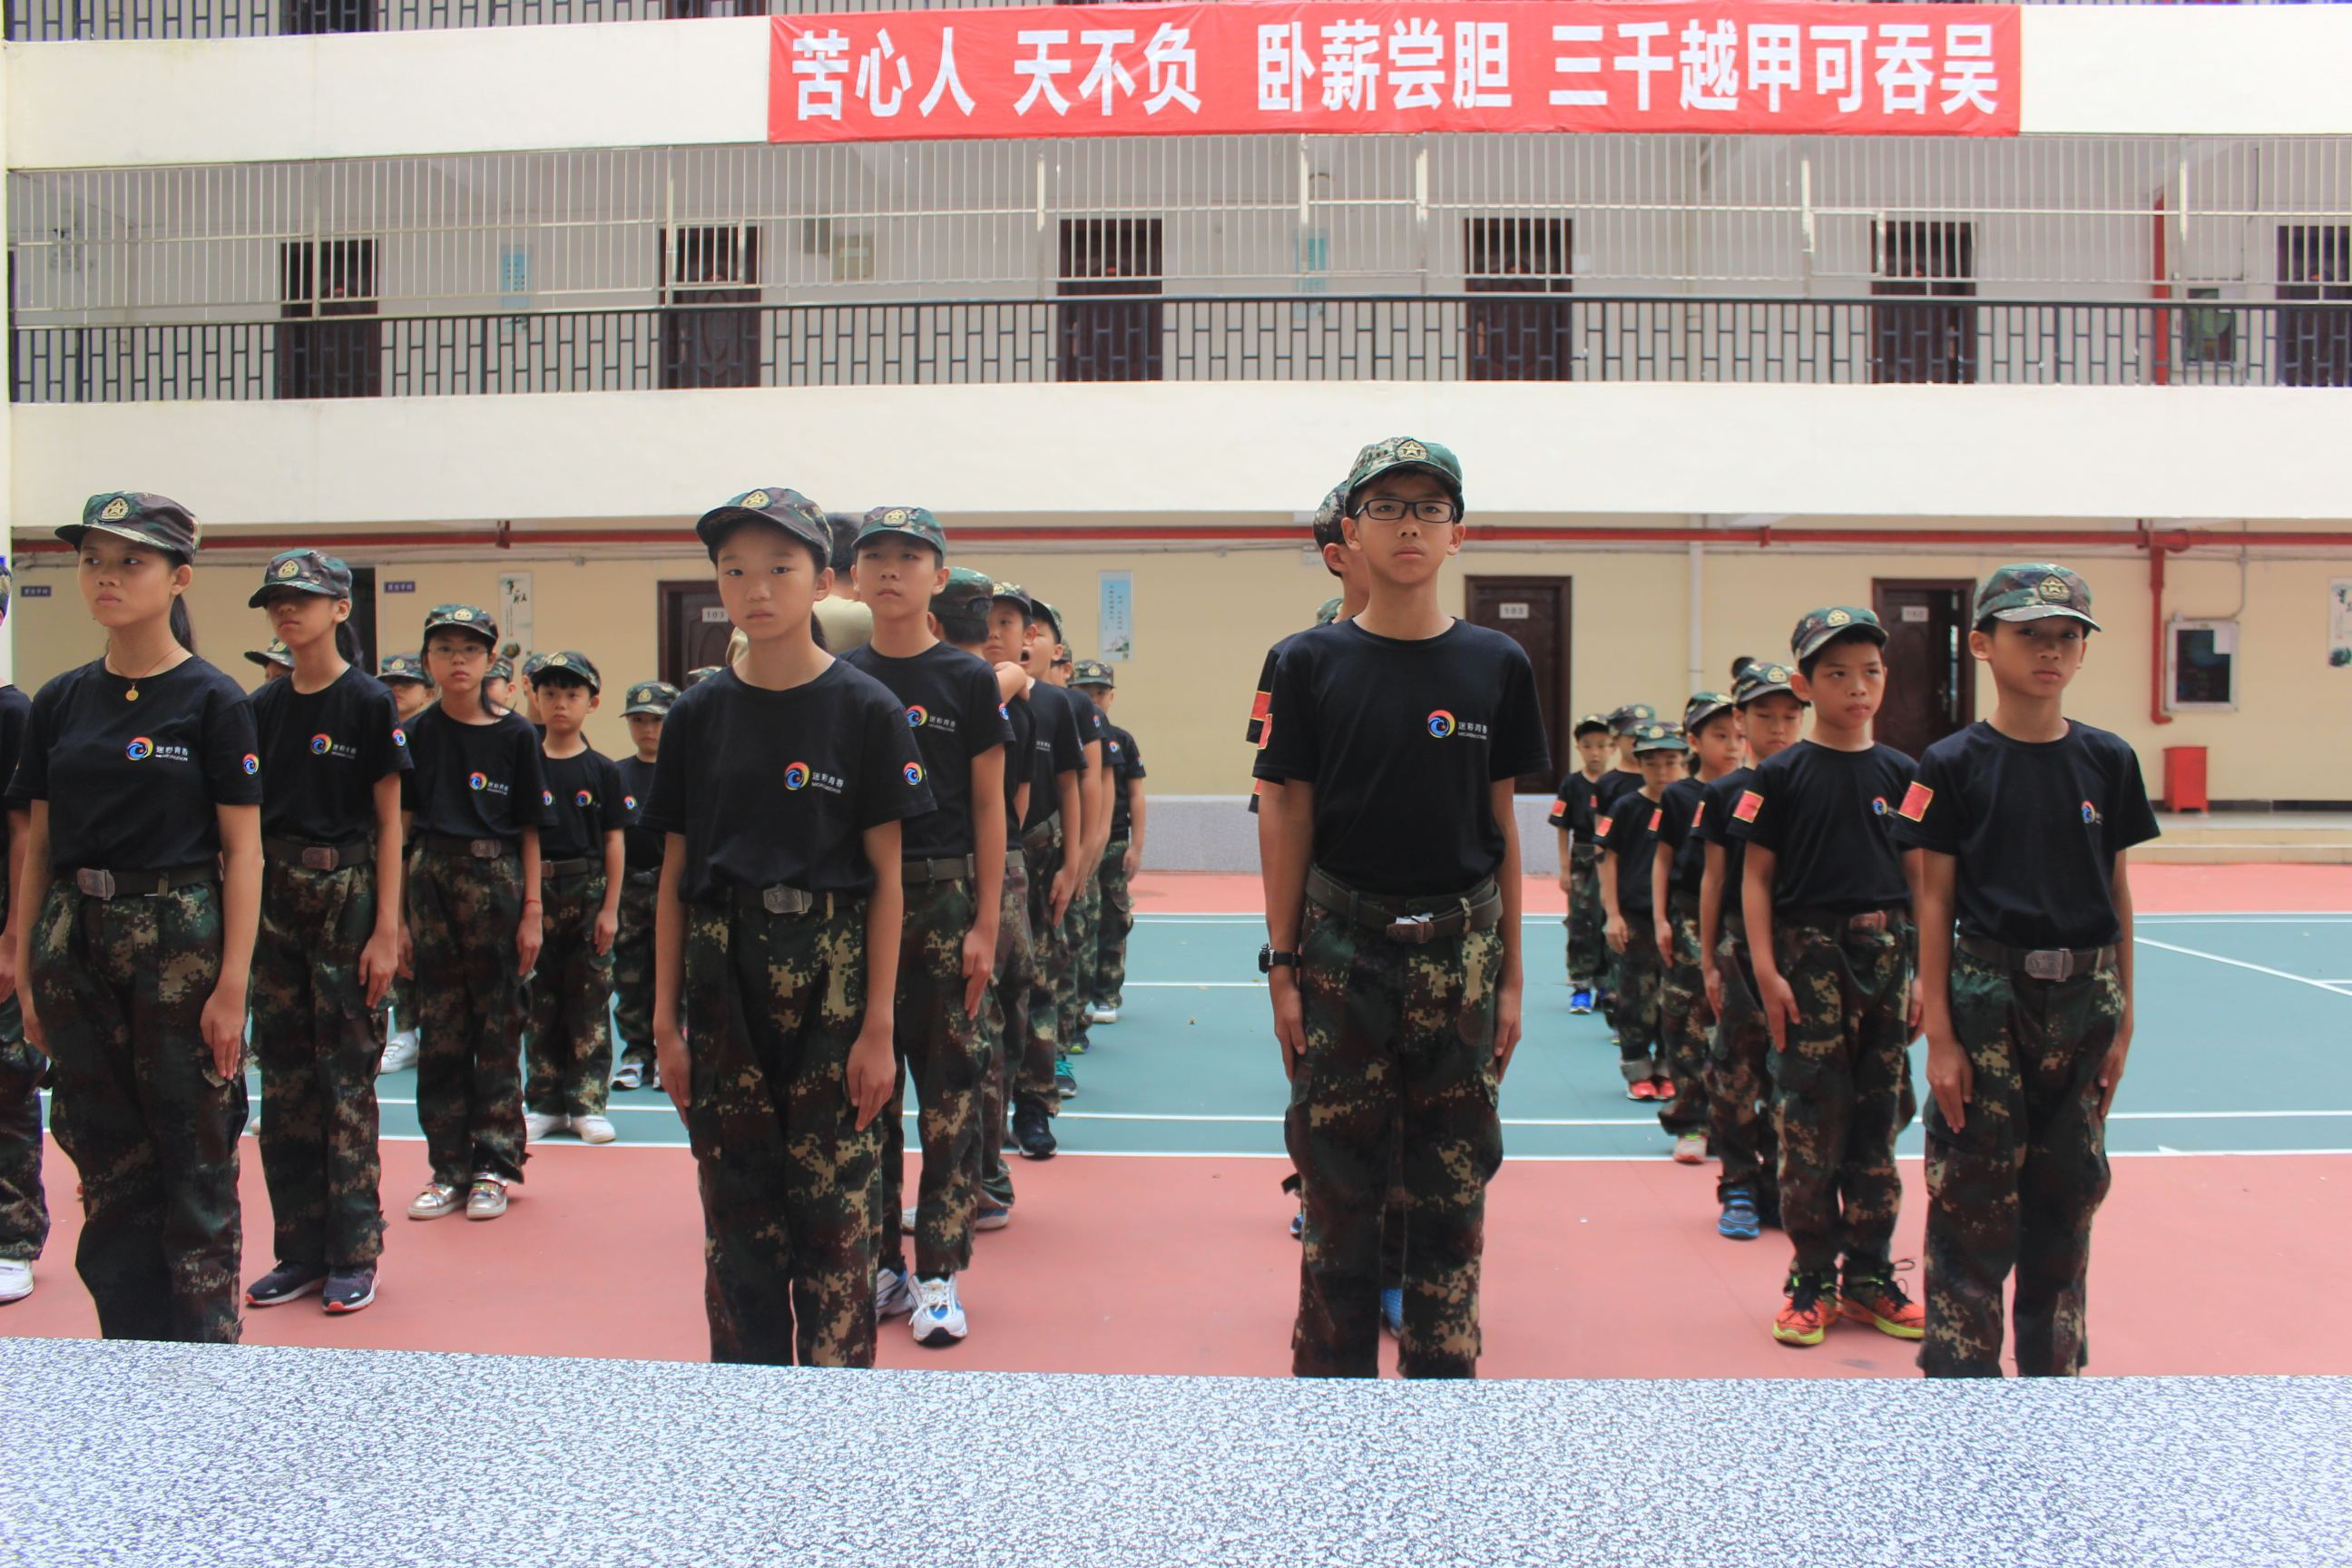 深圳军事夏令营